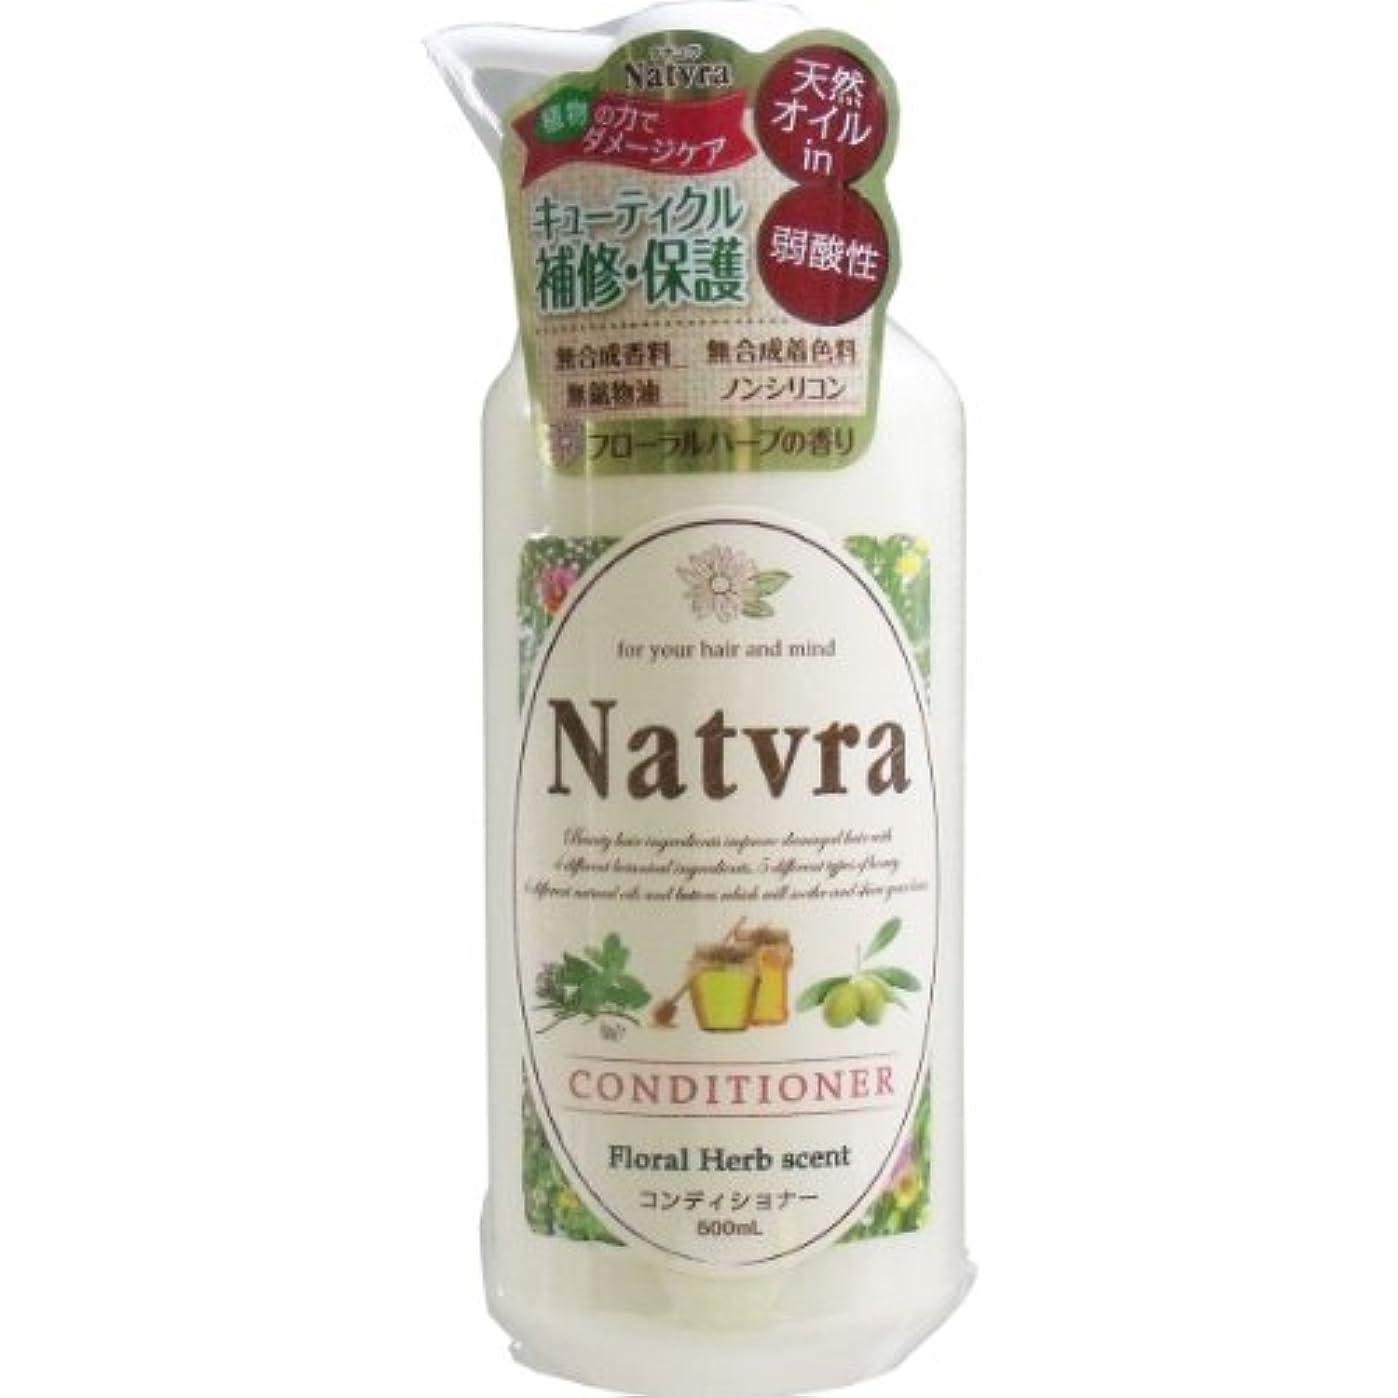 対抗においテキストNatvra(ナチュラ) コンディショナー フローラルハーブの香り 500mL